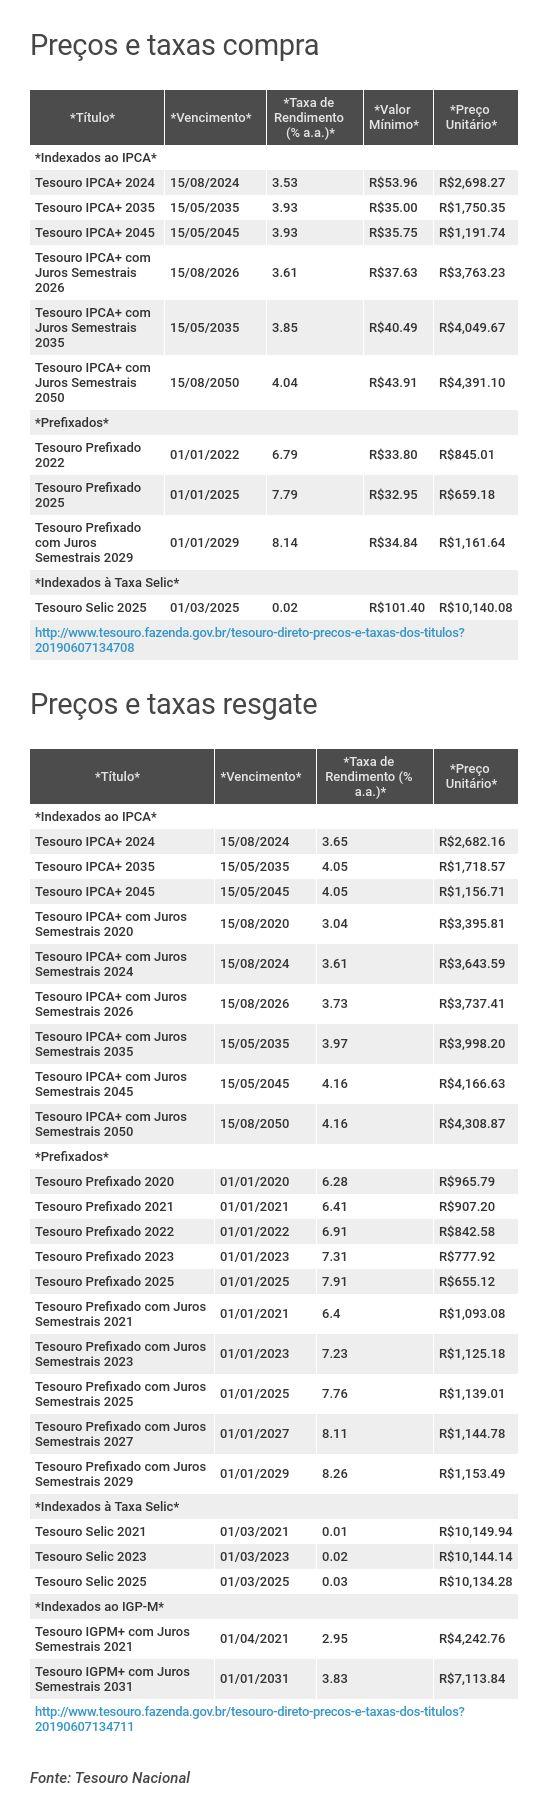 Preços e taxas do Tesouro Direto em 7 de junho de 2019 - abertura